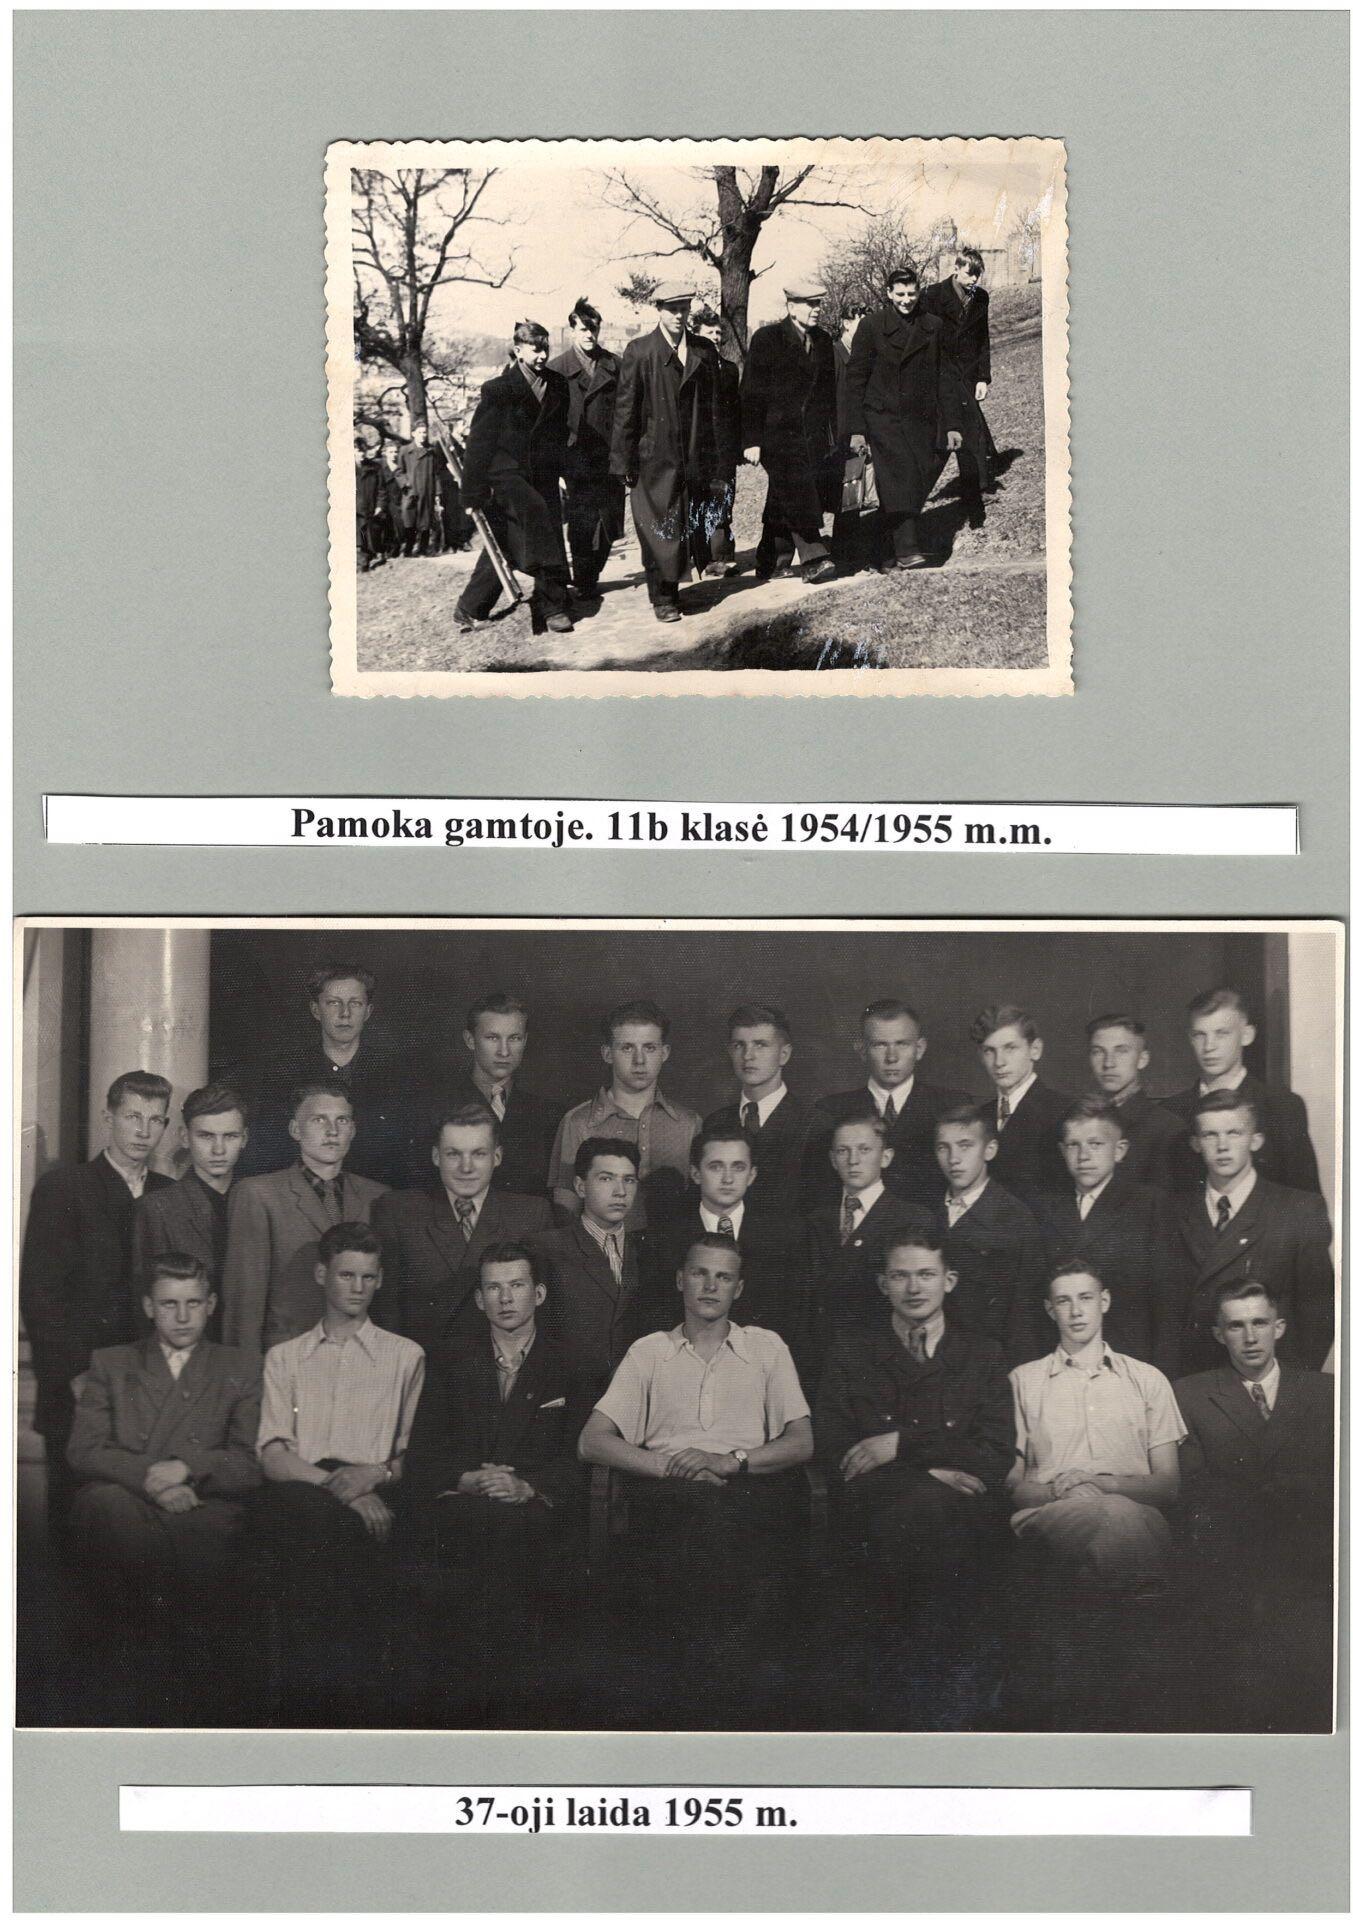 1954 m. - 1955 m.